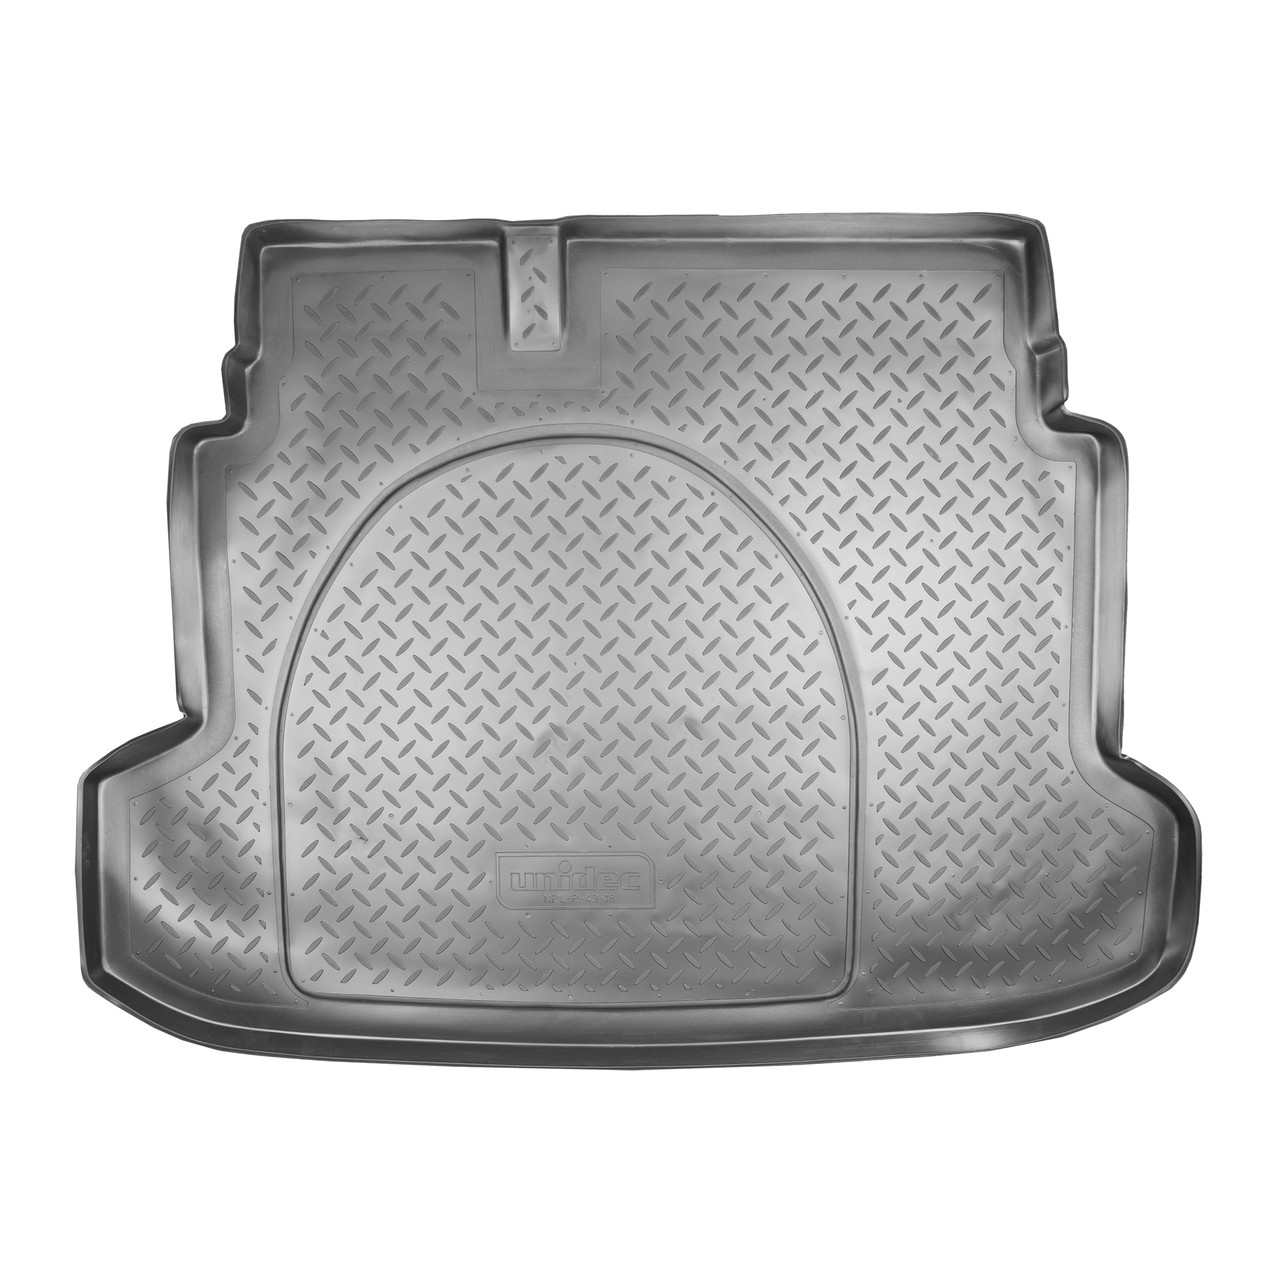 Коврик в багажник Kia Cerato (TD) SD (2009-2013)